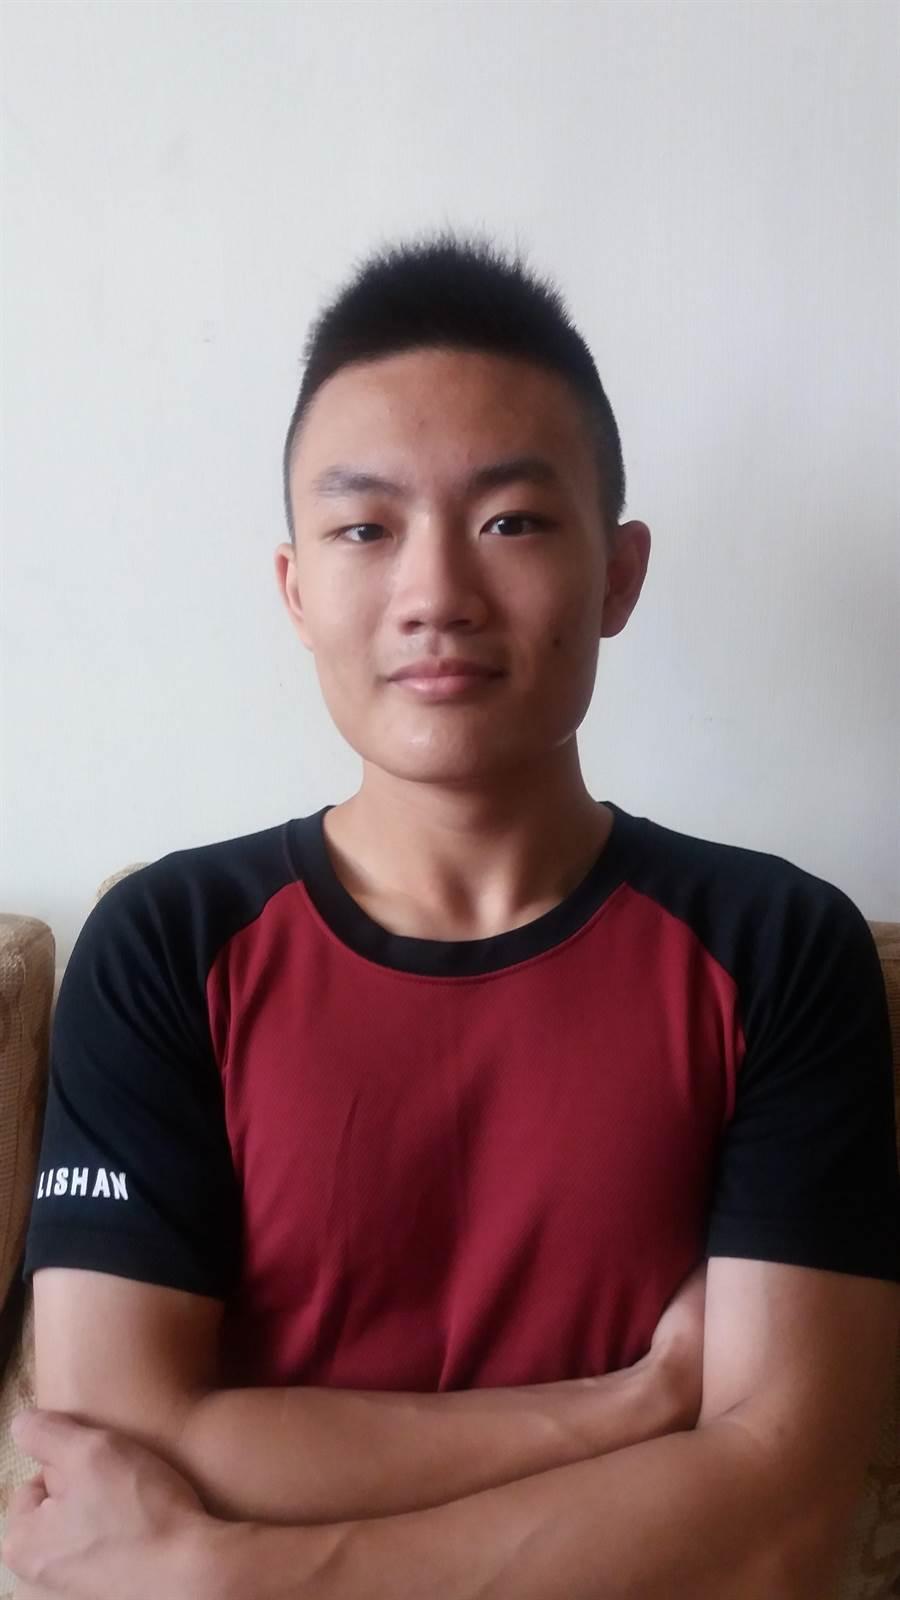 台北市麗山高中高宣凱昔日數學模擬考僅28分,正式考試卻突飛猛進,考了90.8分,順利錄取考上台灣大學法律系法學組。(麗山高中提供)